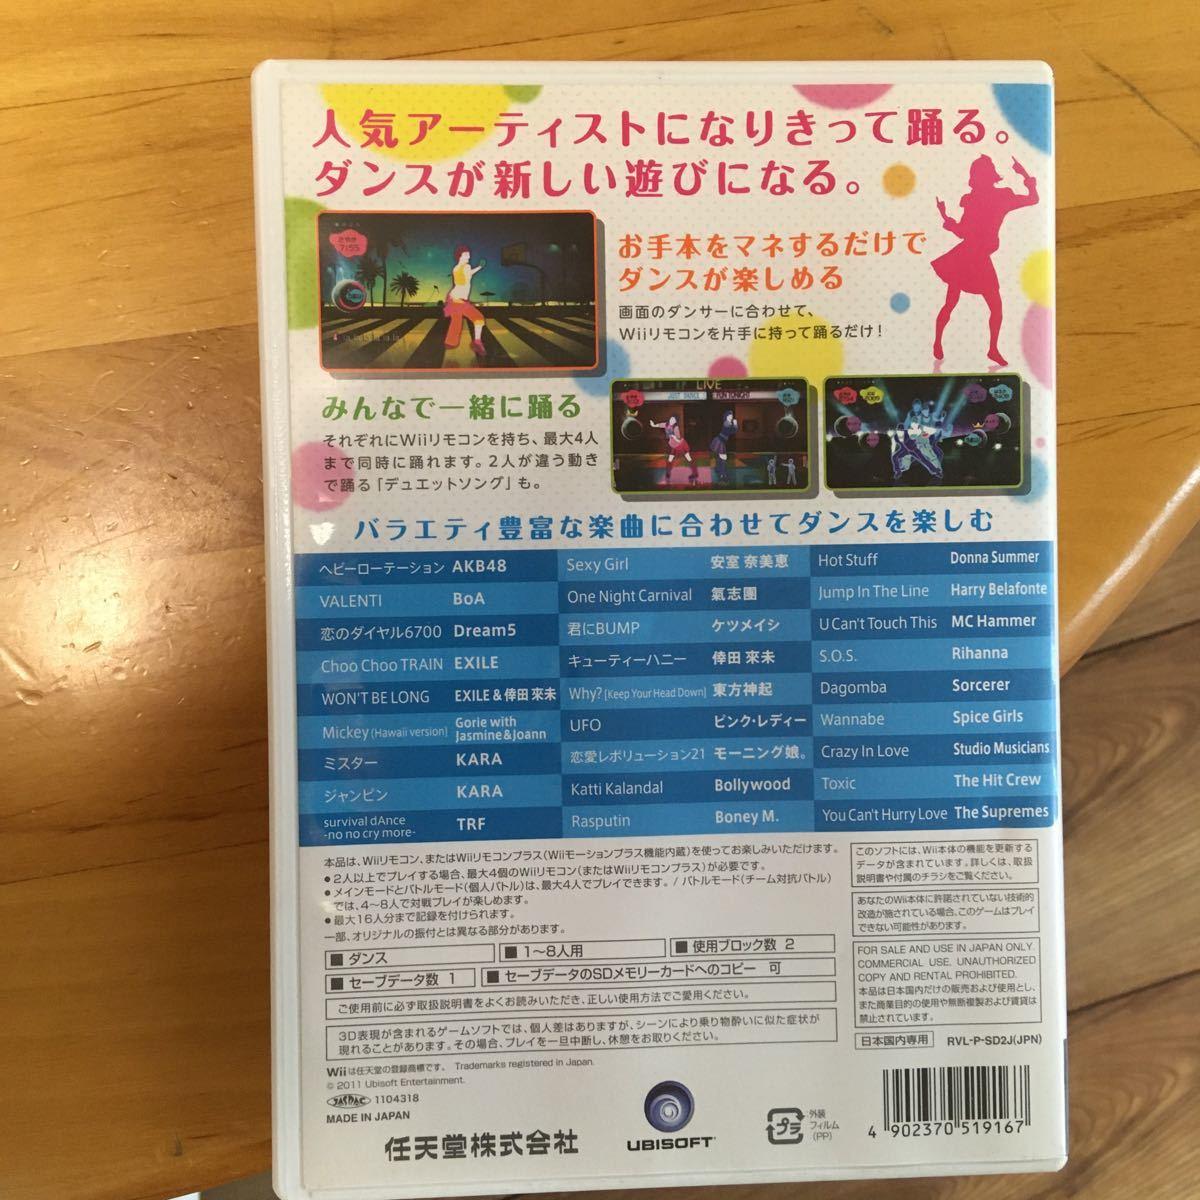 【Wii】 JUST DANCE Wii  Wii パーティー